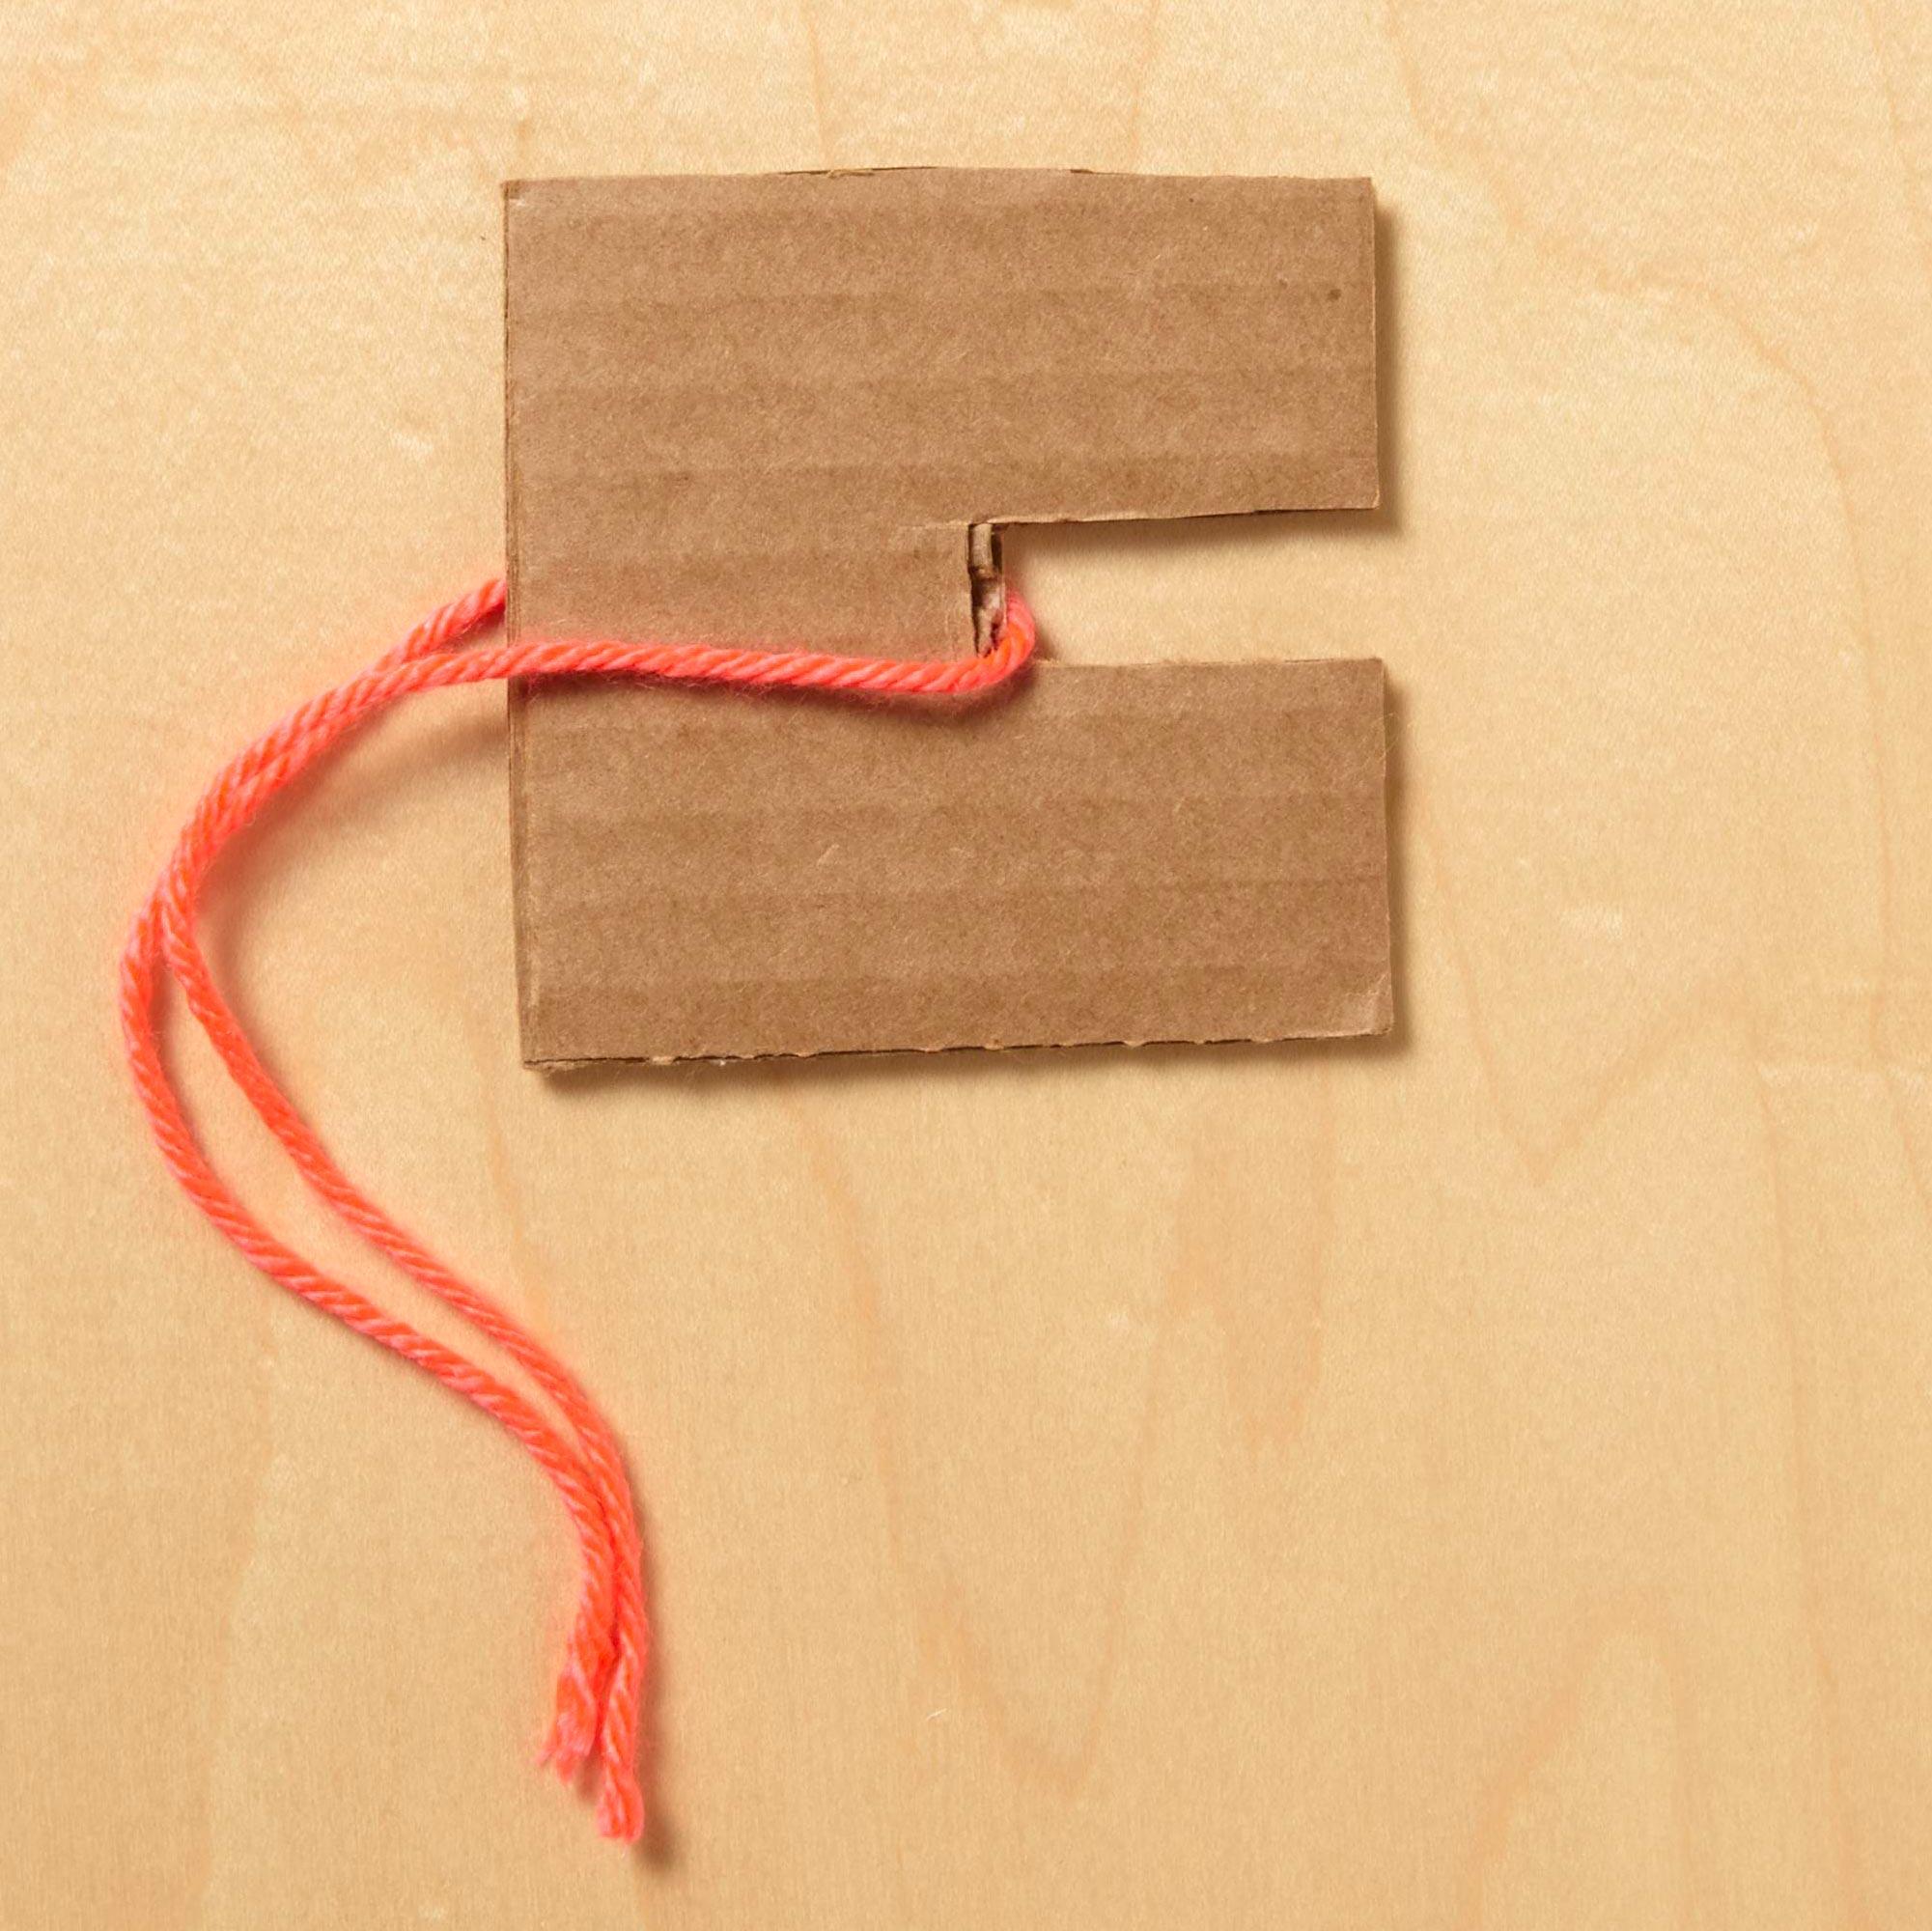 How to make pompoms, step 1